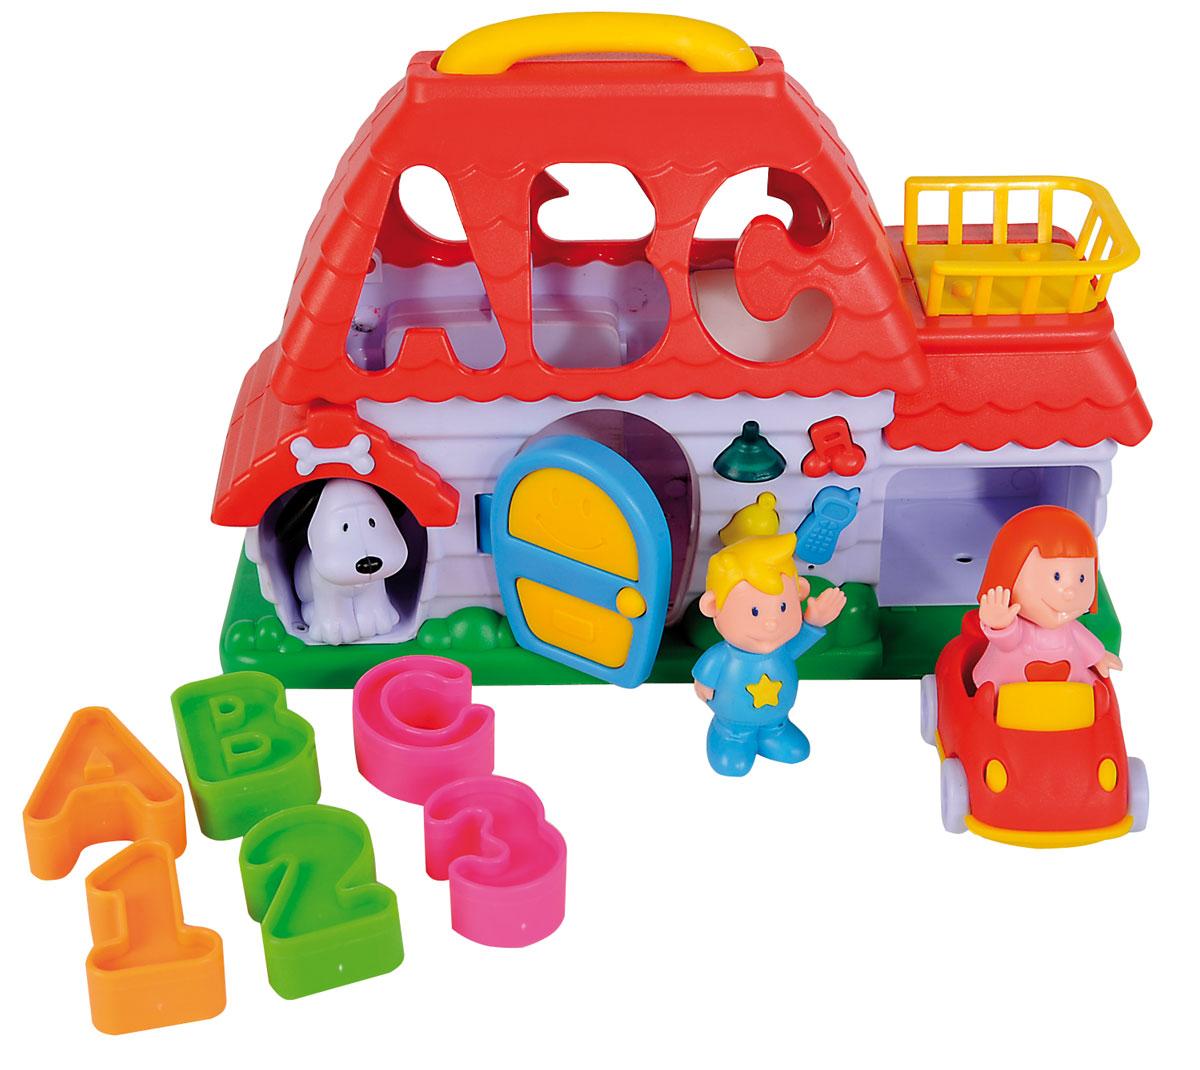 Simba Развивающая игрушка Домик-сортер4019524Развивающая игрушка-сортер Домик непременно понравится вашему малышу и надолго займет его внимание. Сортер выполнен в виде домика, в крыше которого имеются отверстия в виде букв и цифр. Задача малыша состоит в том, чтобы опустить фигурки, входящие в комплект, в соответствующие им отверстия. После того, как все фигурки окажутся внутри игрушки, их можно достать через дверцу домика. На передней панели домика имеется входная открывающаяся дверь и кнопочки около нее. При нажатии на кнопочки ребенок услышит веселые звуки и увидит мерцание колокольчика. На задней стороне домика-сортера расположены счеты с разноцветными бусинками. Ребенок сможет их просто передвигать или с их помощью осваивать счет. Рядом со счетами изображен циферблат часов с двумя подвижными стрелками. Домик дополнен гаражом для машинки и собачьей будкой. Машинка и собачка идут в комплекте вместе с фигурками мальчика и девочки. Домик оснащен выдвигающейся ручкой для переноски. Элементы...